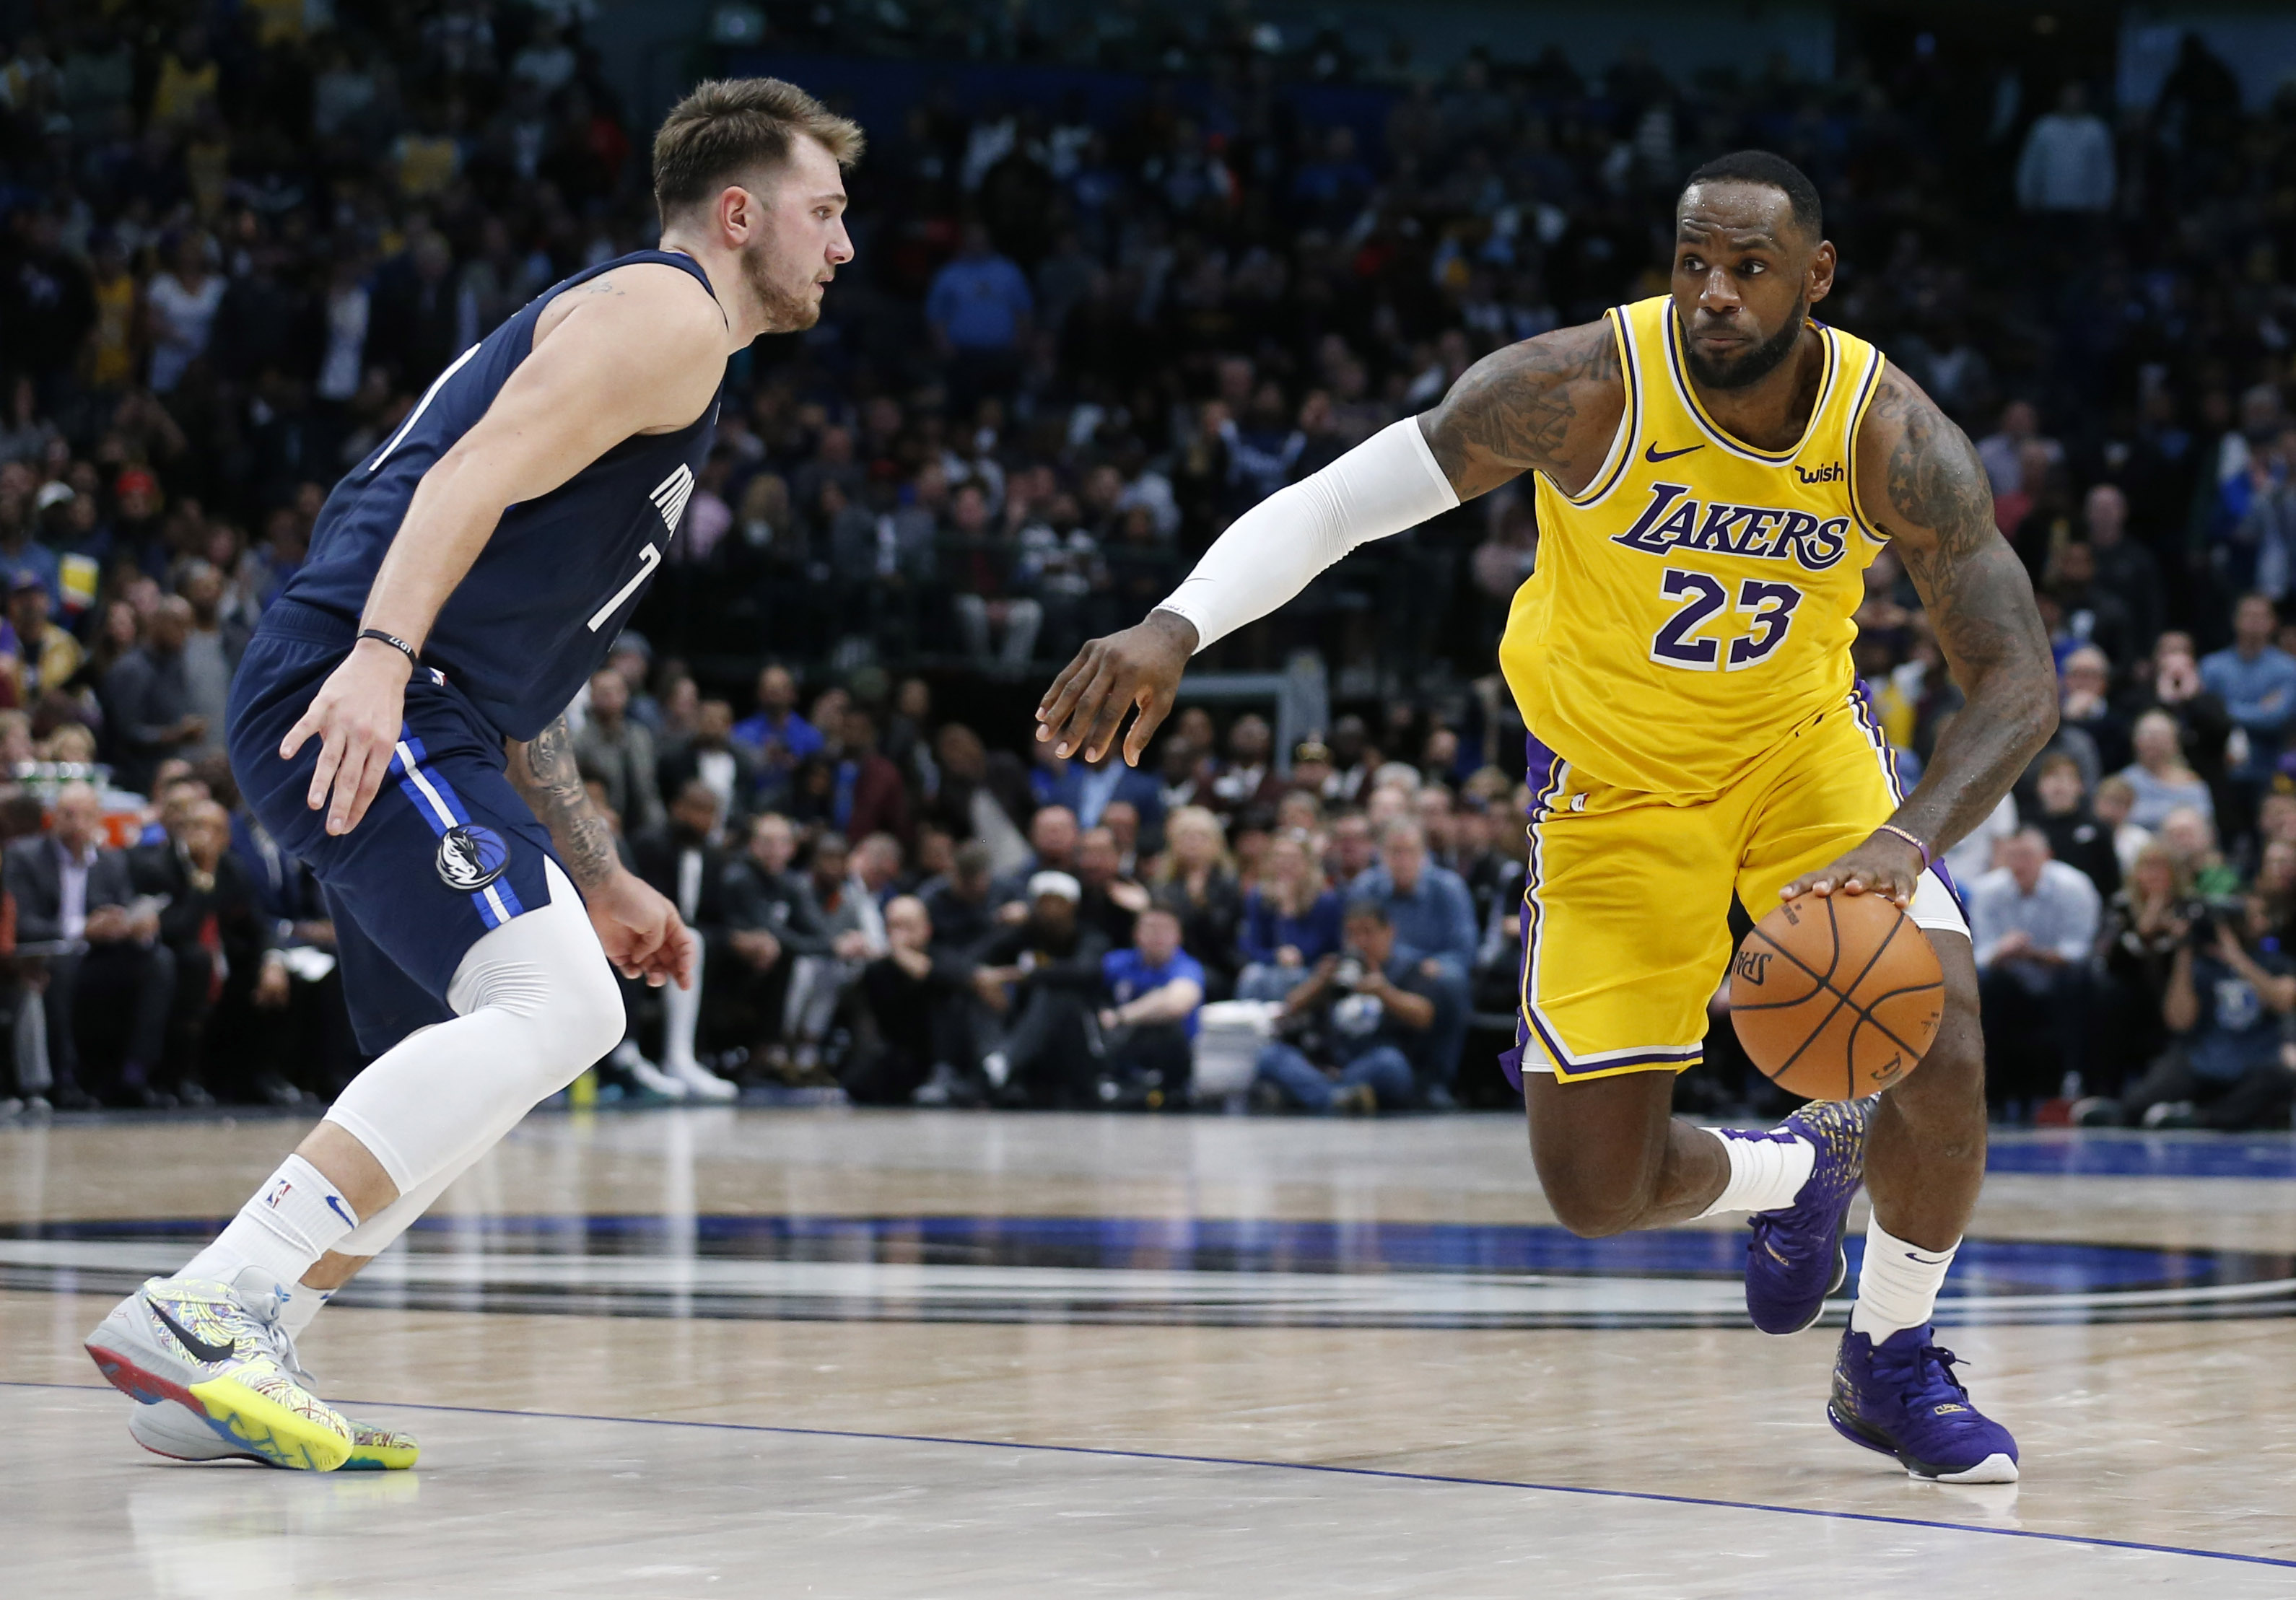 basketball player breaks leg 2020